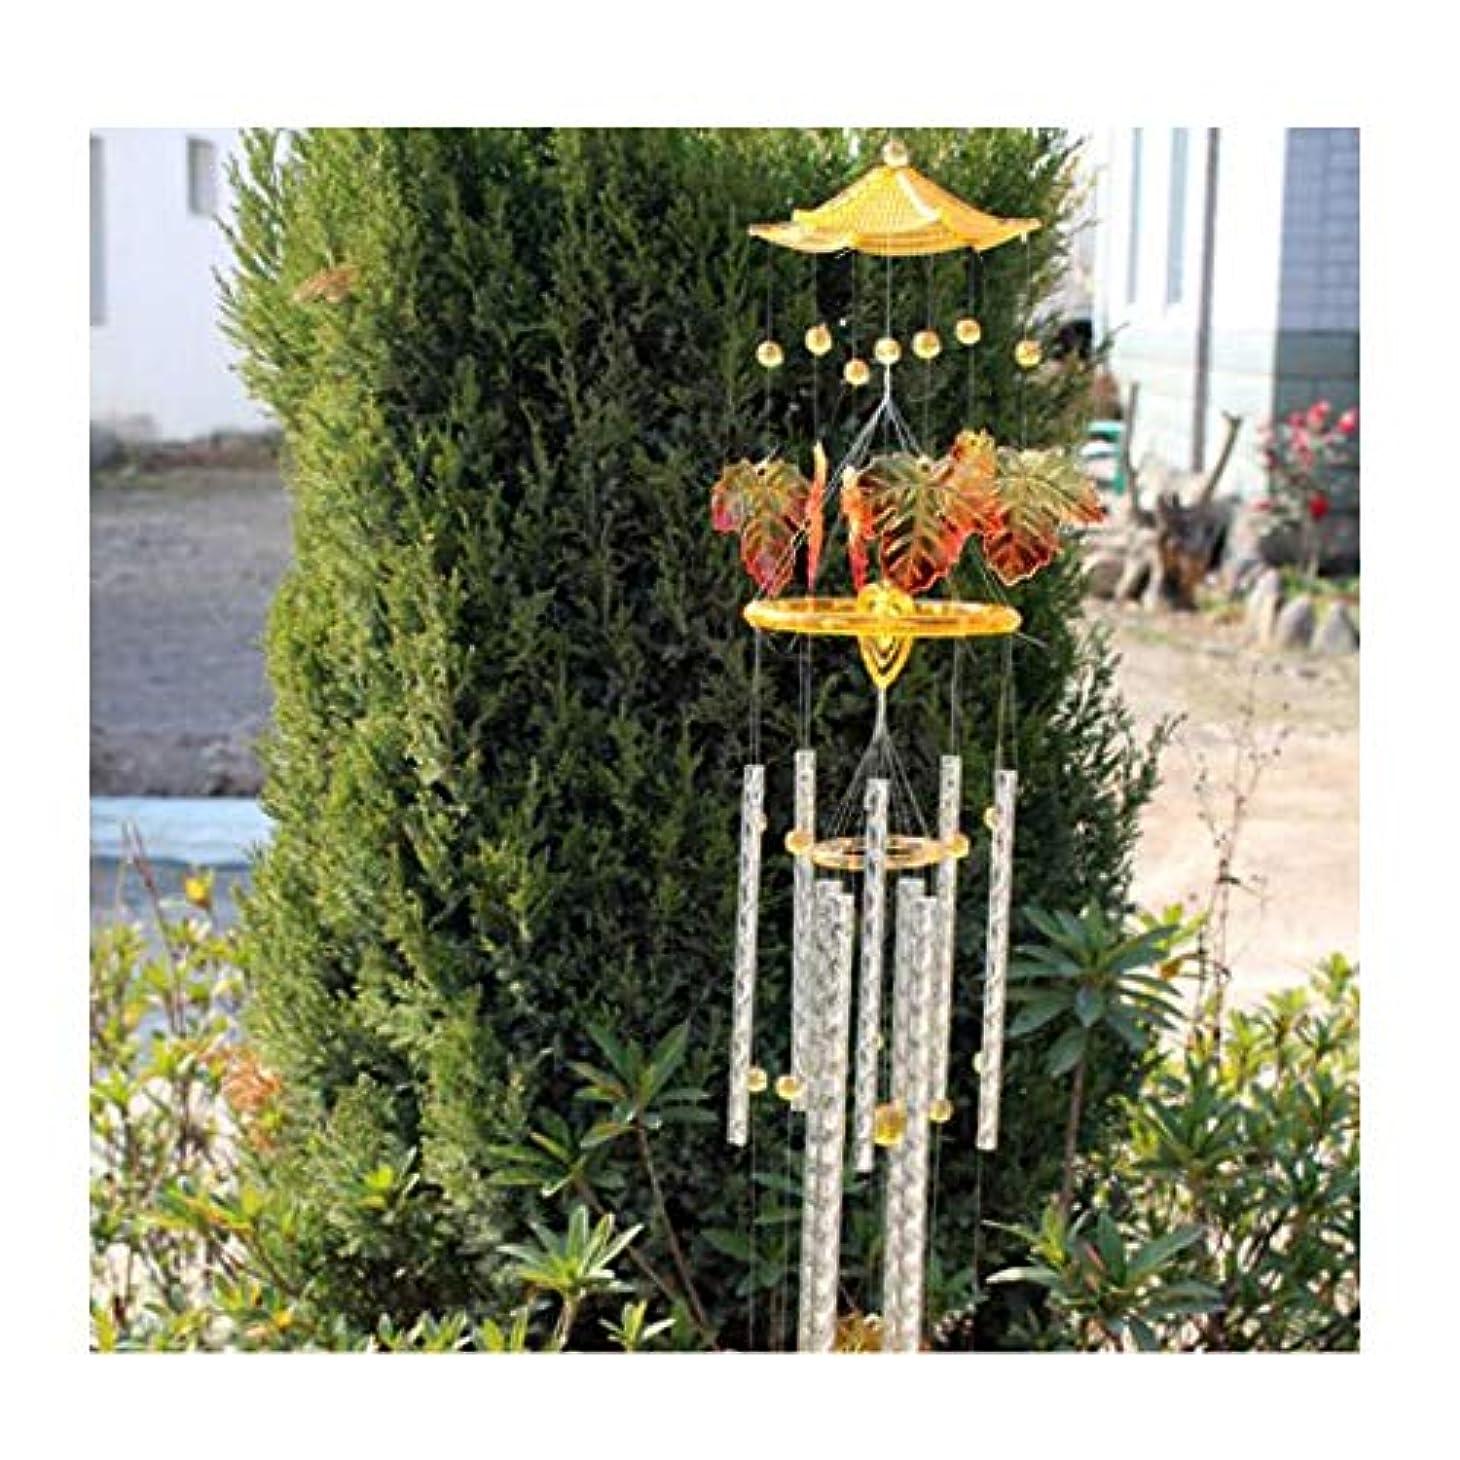 海峡ひも熱帯の対処する風鈴、創造的なカエデの葉9チューブ風鈴飾り、家庭のリビングルームベッドルーム中庭の装飾、毎日の贈り物 (Color : Yellow, Size : 90cm)